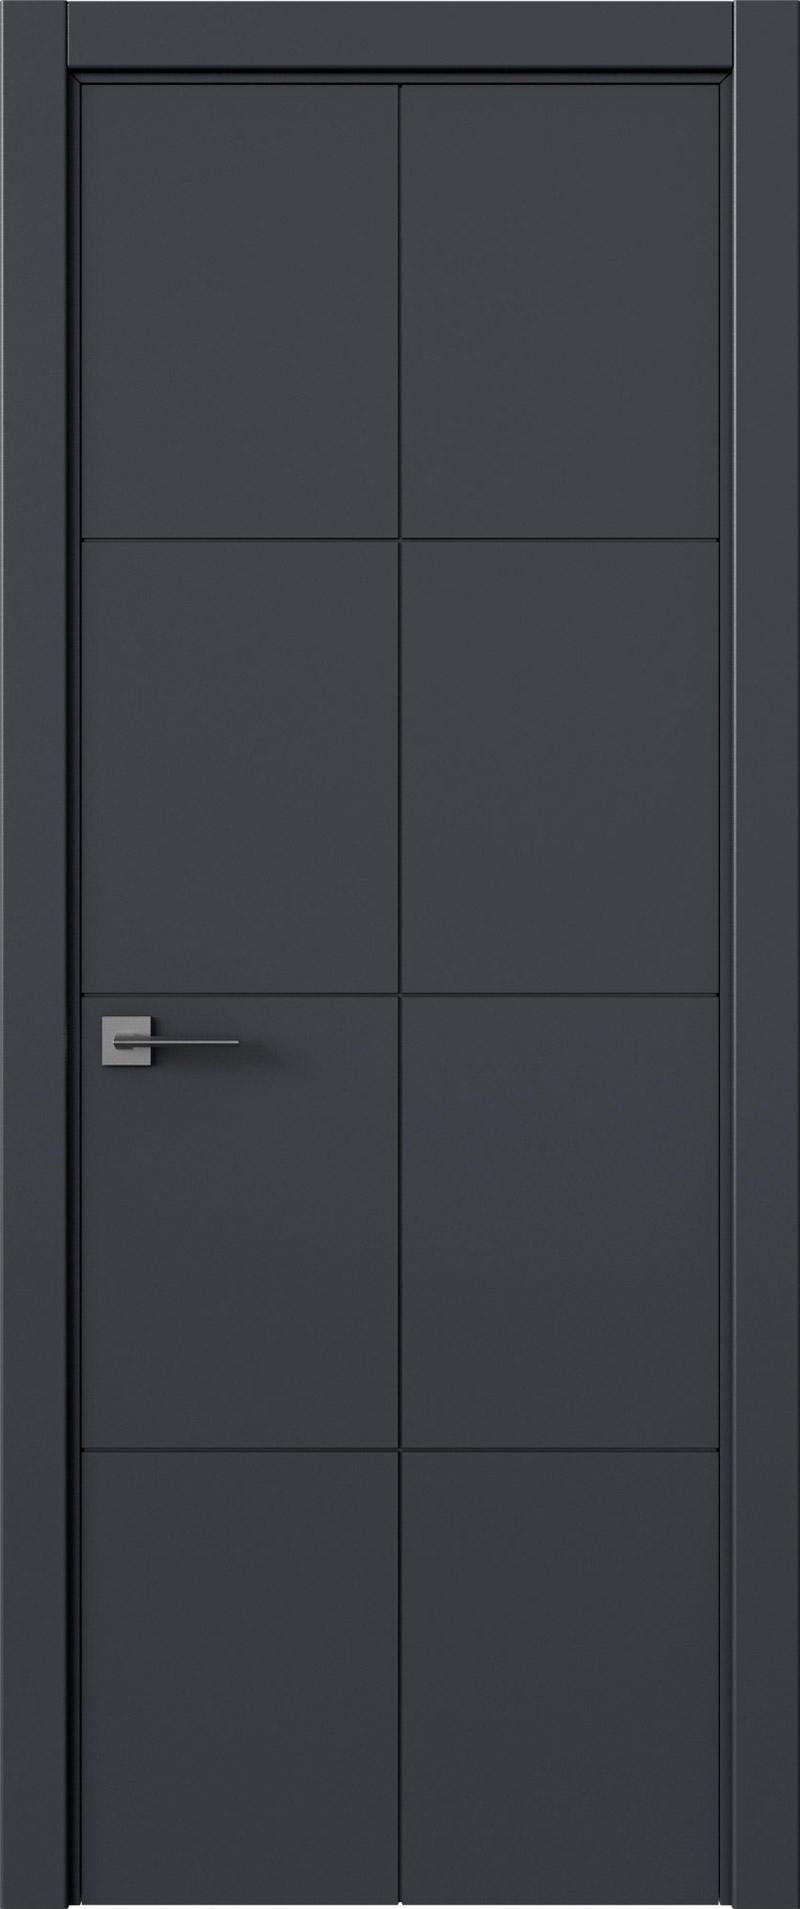 Tivoli Л-2 цвет - Графитово-серая эмаль (RAL 7024) Без стекла (ДГ)